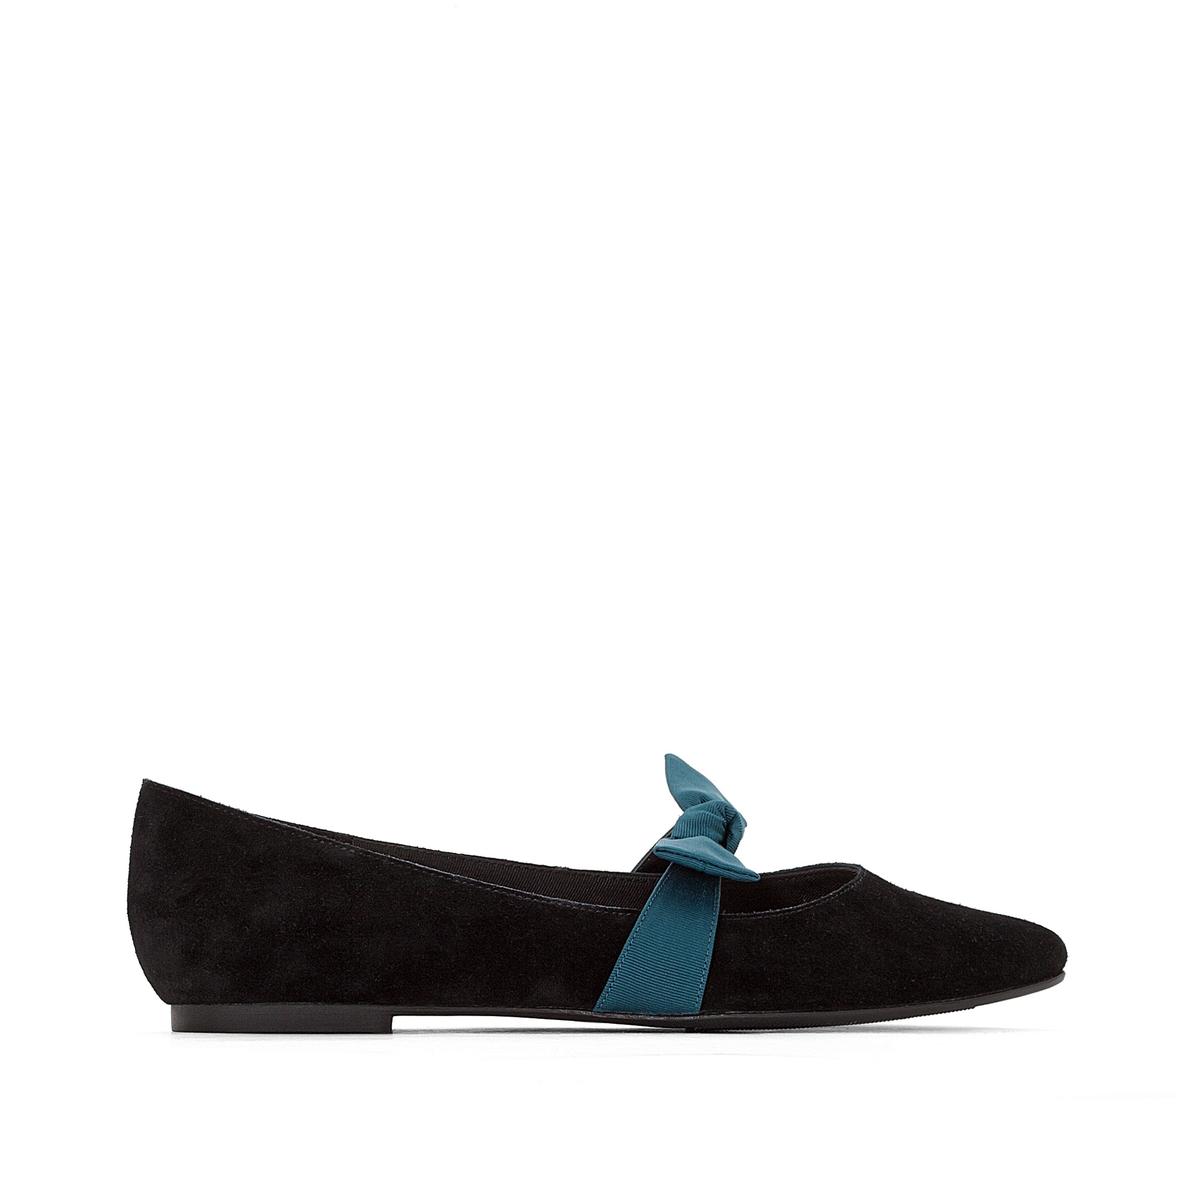 Балетки кожаные с бантомДетали •  Высота каблука : 0 см •  Заостренный мысок •  Застежка : без застежки •  Гладкая отделкаСостав и уход •  Верх 100% кожа • Подкладка 100% кожа   • Стелька 100% кожа  •  Подошва 100% эластомер<br><br>Цвет: синий,черный